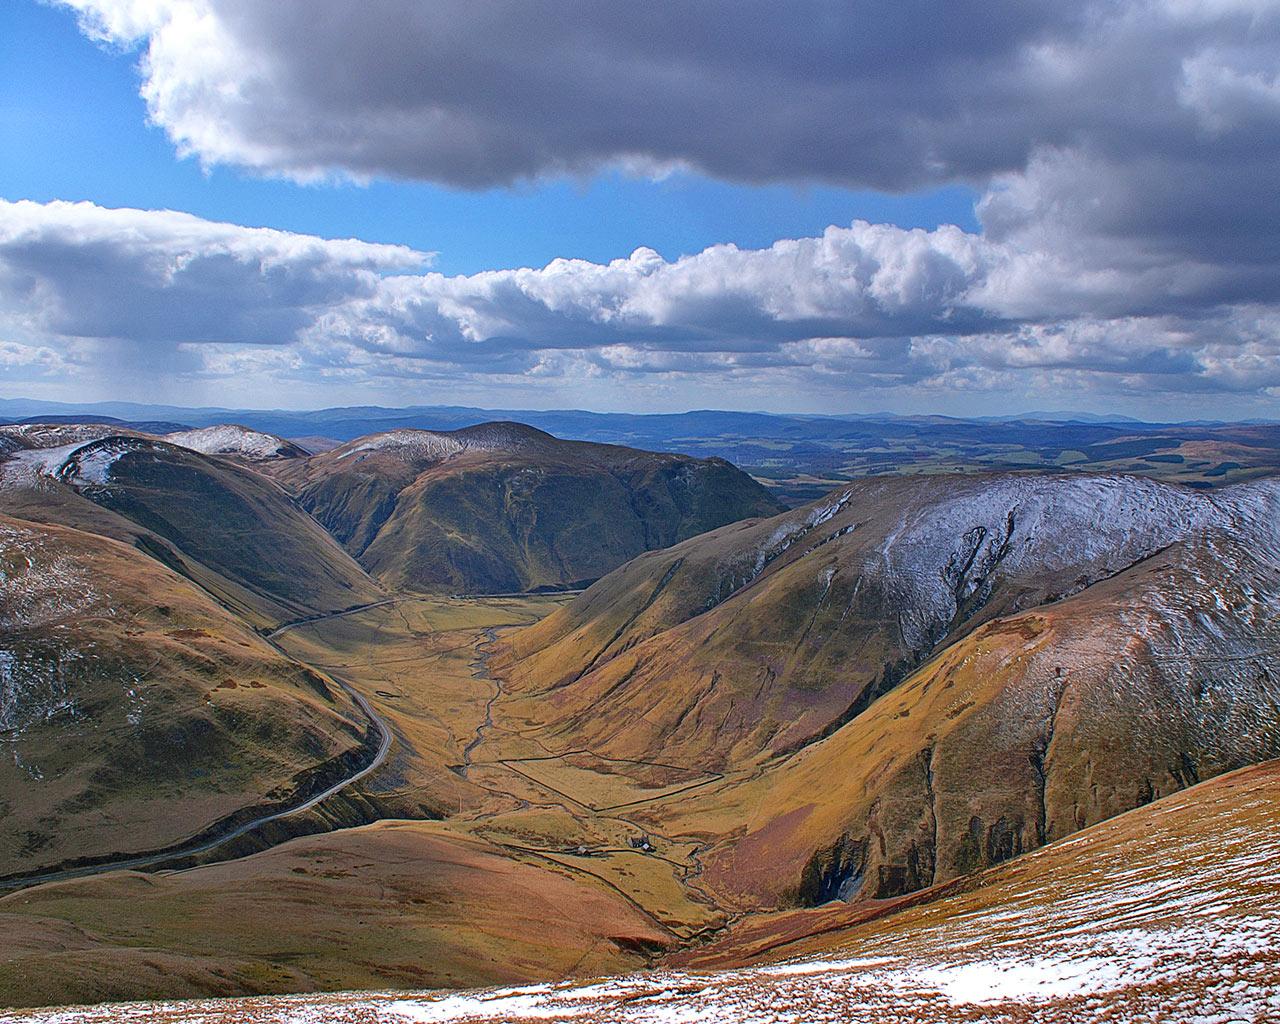 Scotland Scenery Wallpaper Wallpapersafari